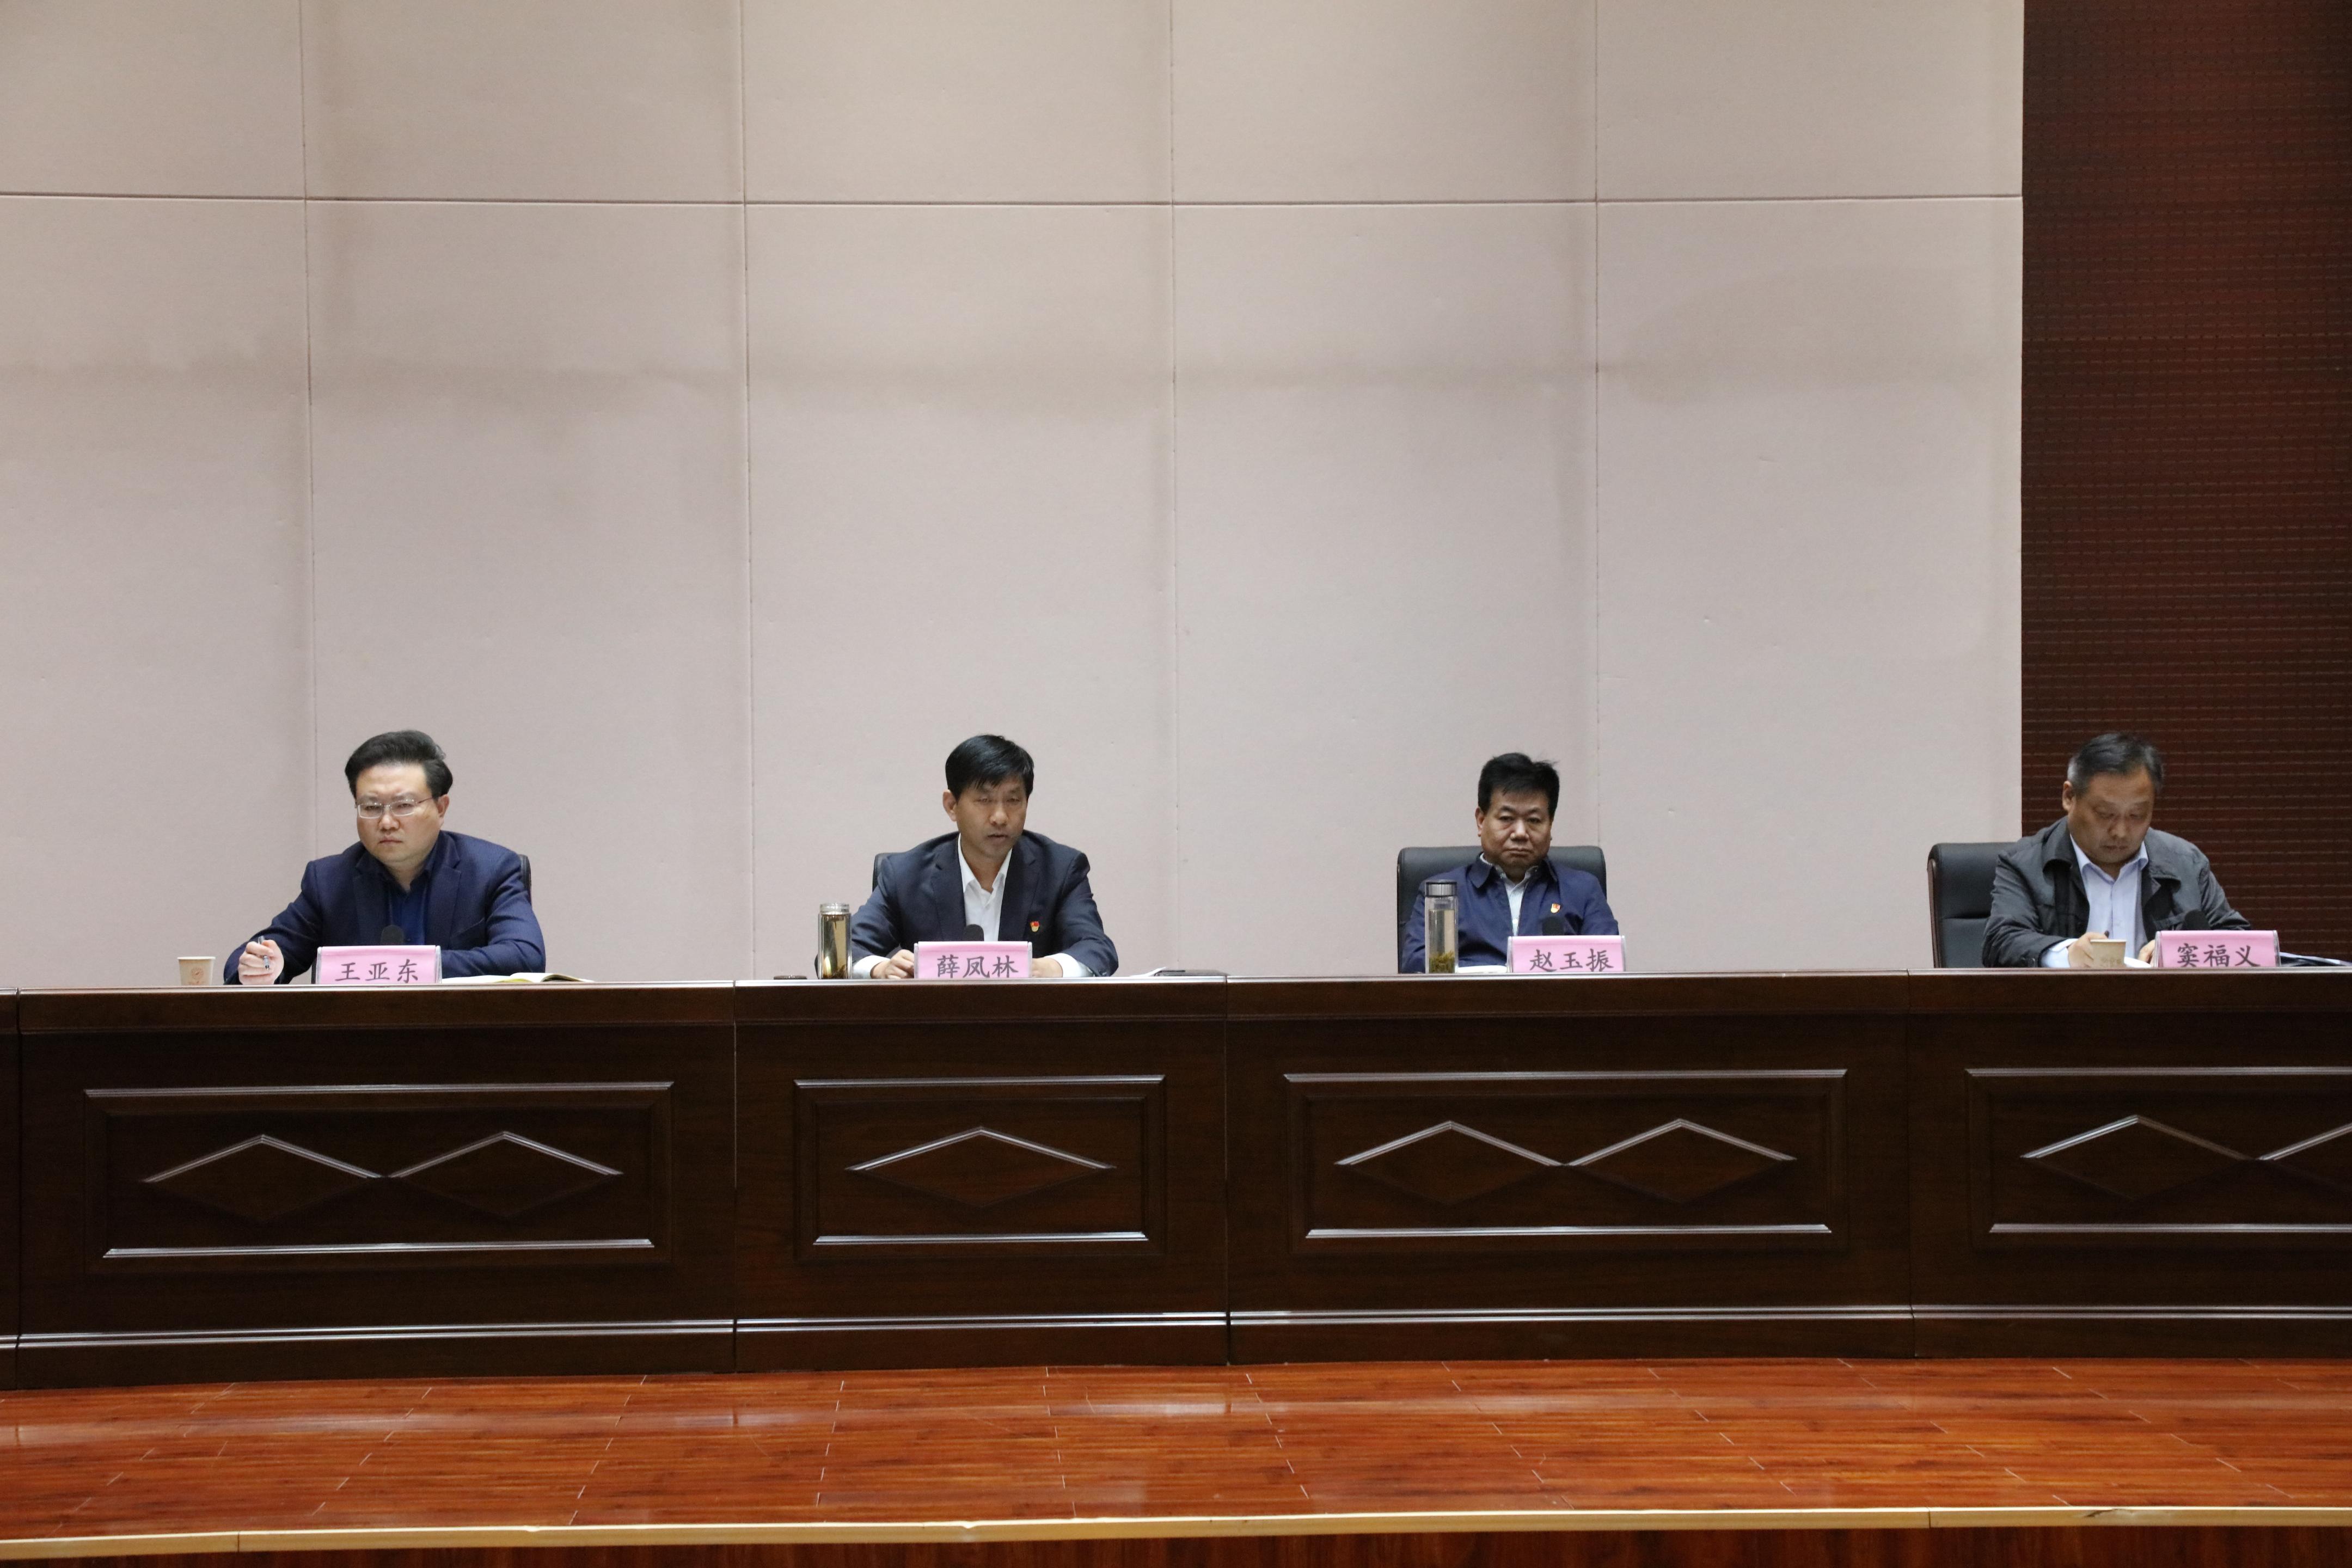 梁园区委书记薛凤林为梁园区法院教育整顿查纠整改进行再动员